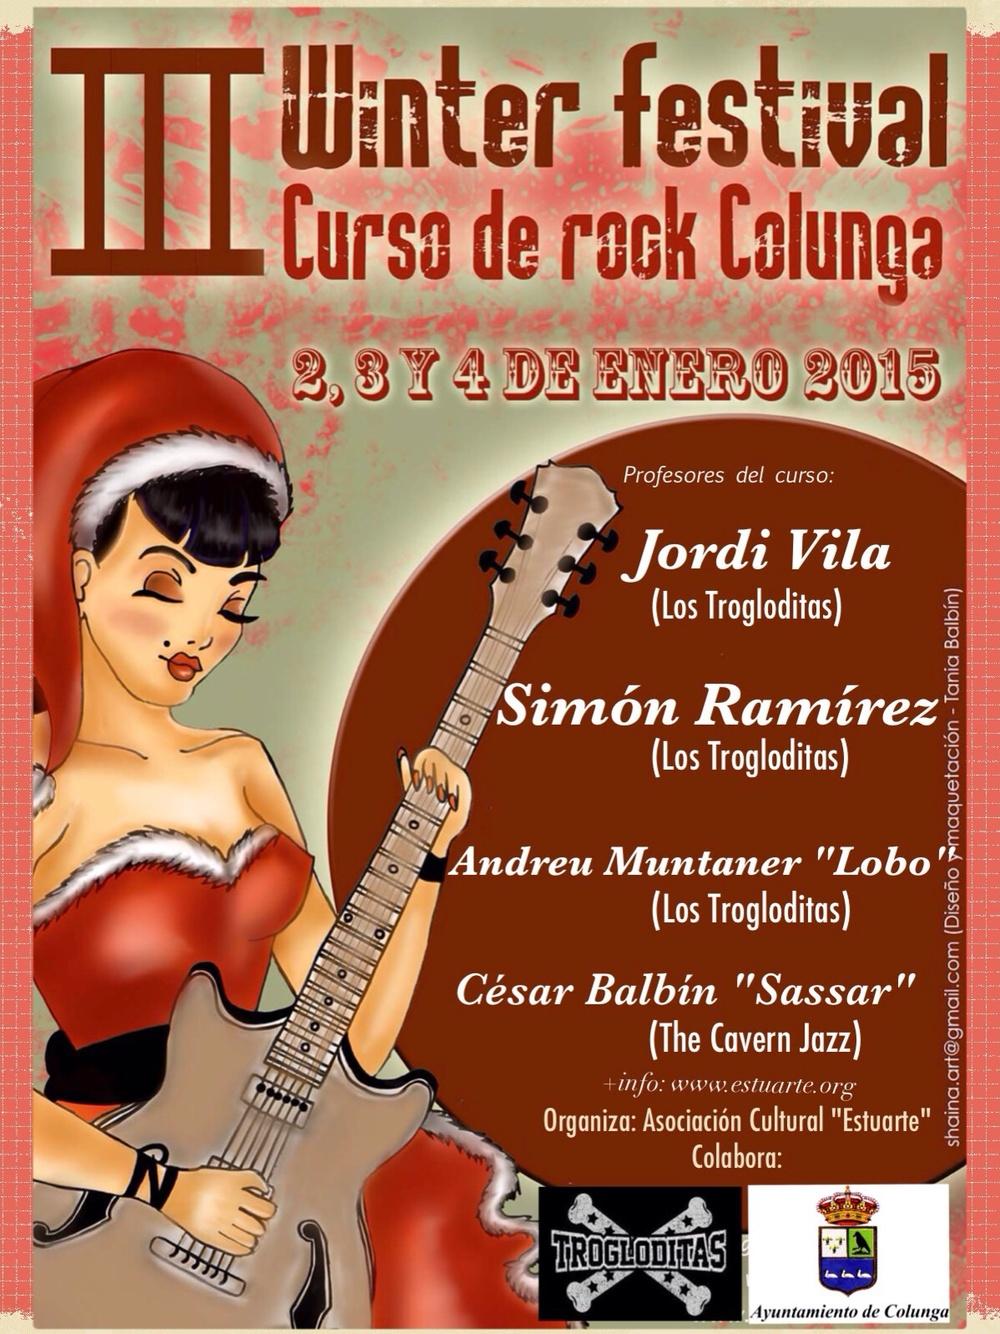 Cartel del III Curso de Rock de Colunga, también denominado III Winter Festival.